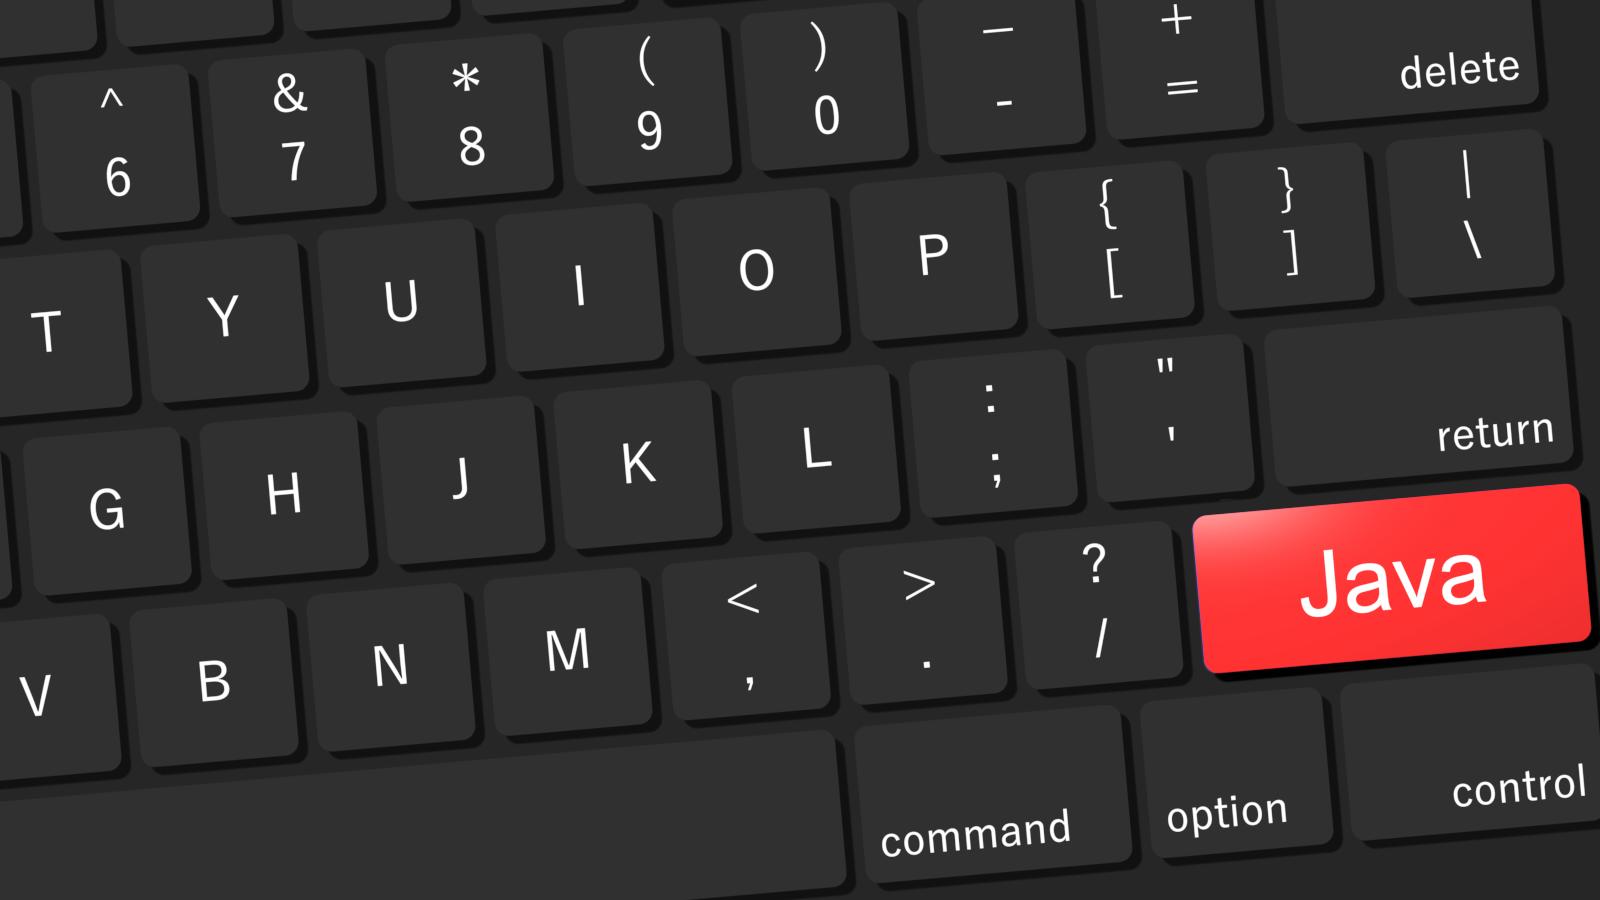 Java キーボード イメージ